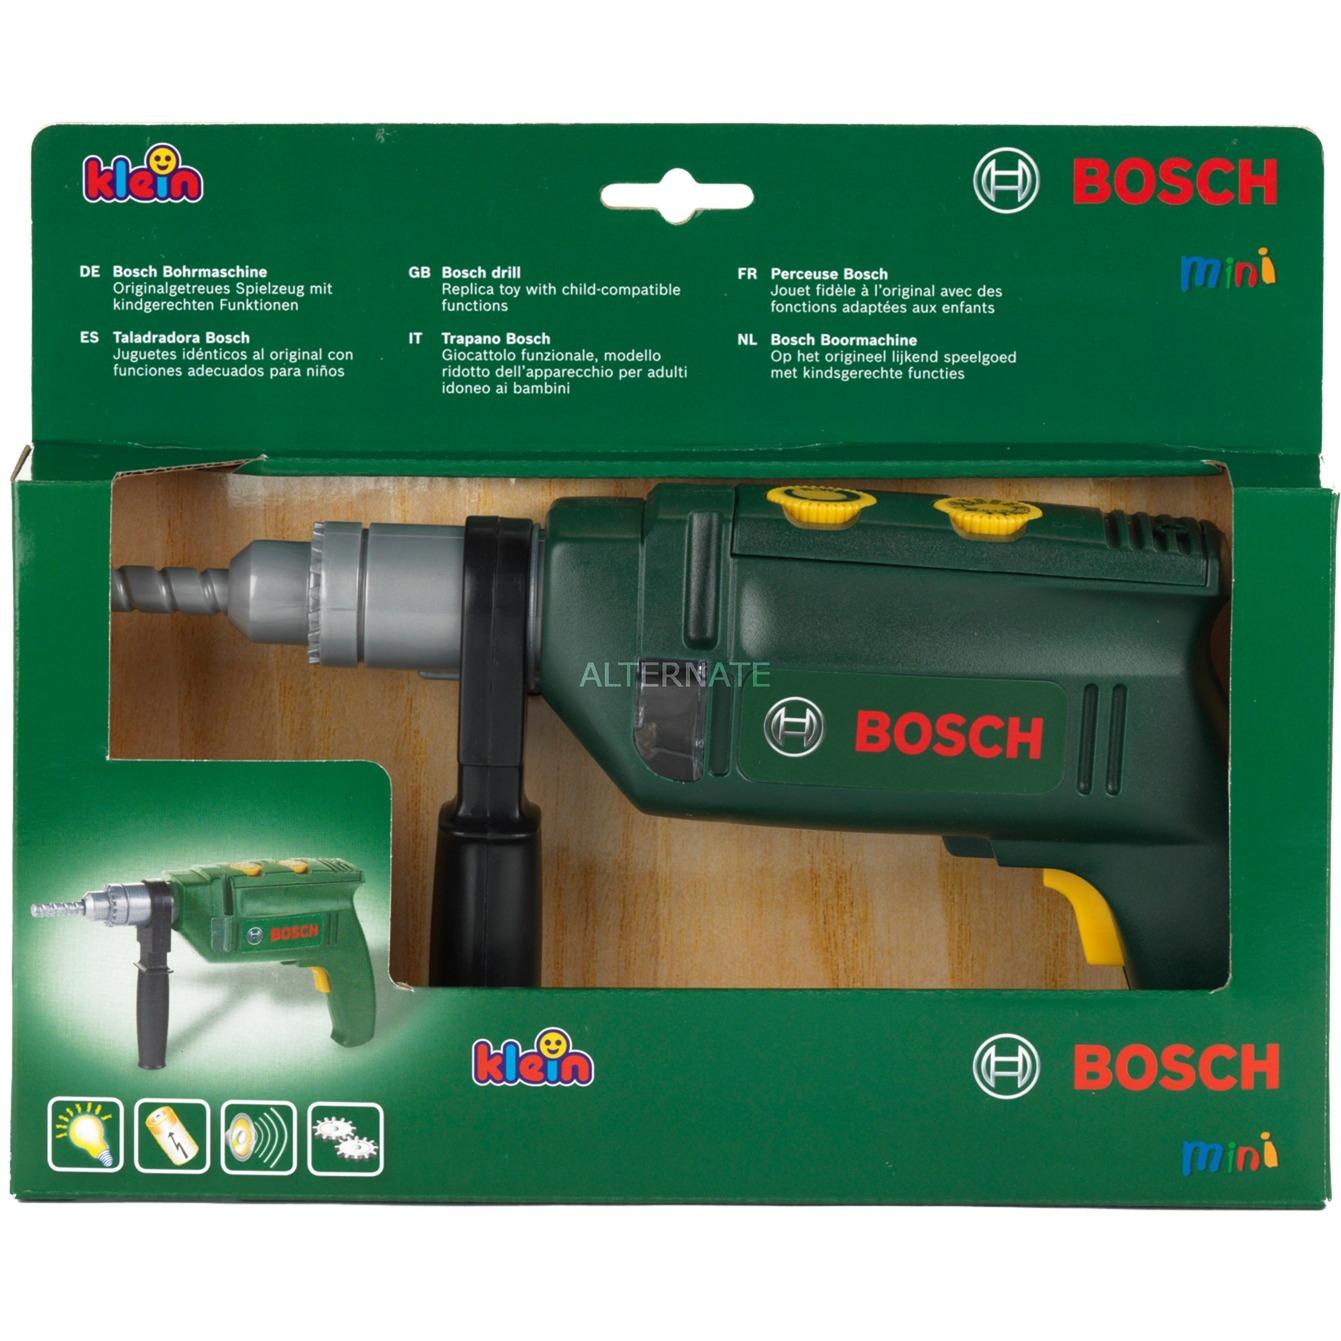 Jeu d'imitation - Perceuse Bosch avec fonctions réalistes, Outils pour enfants